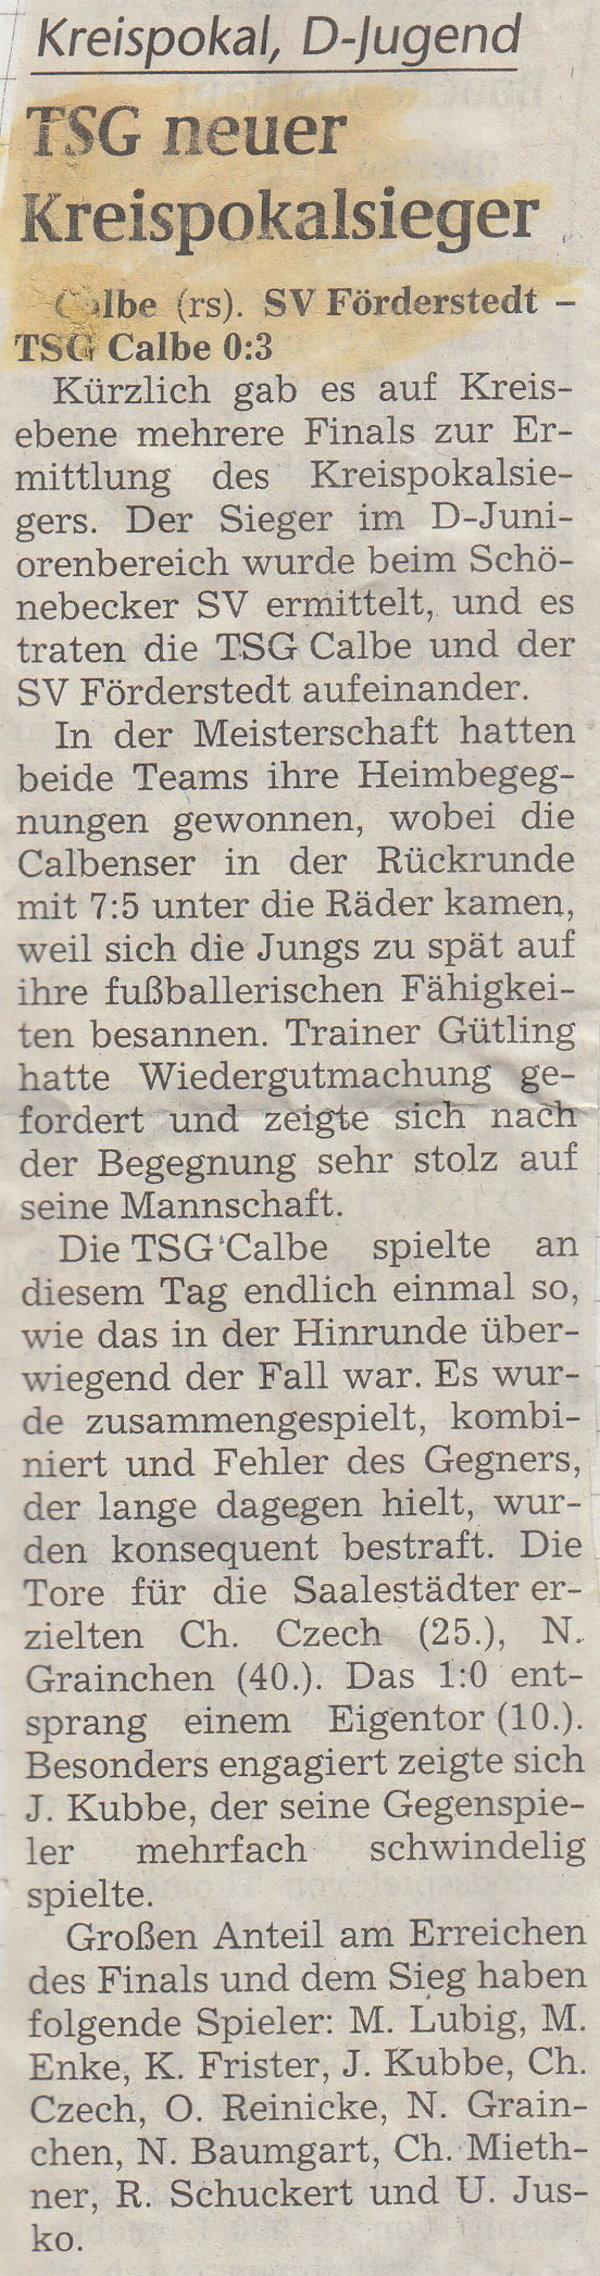 Spielbericht vom Kreispokalfinale der D-Jugend.